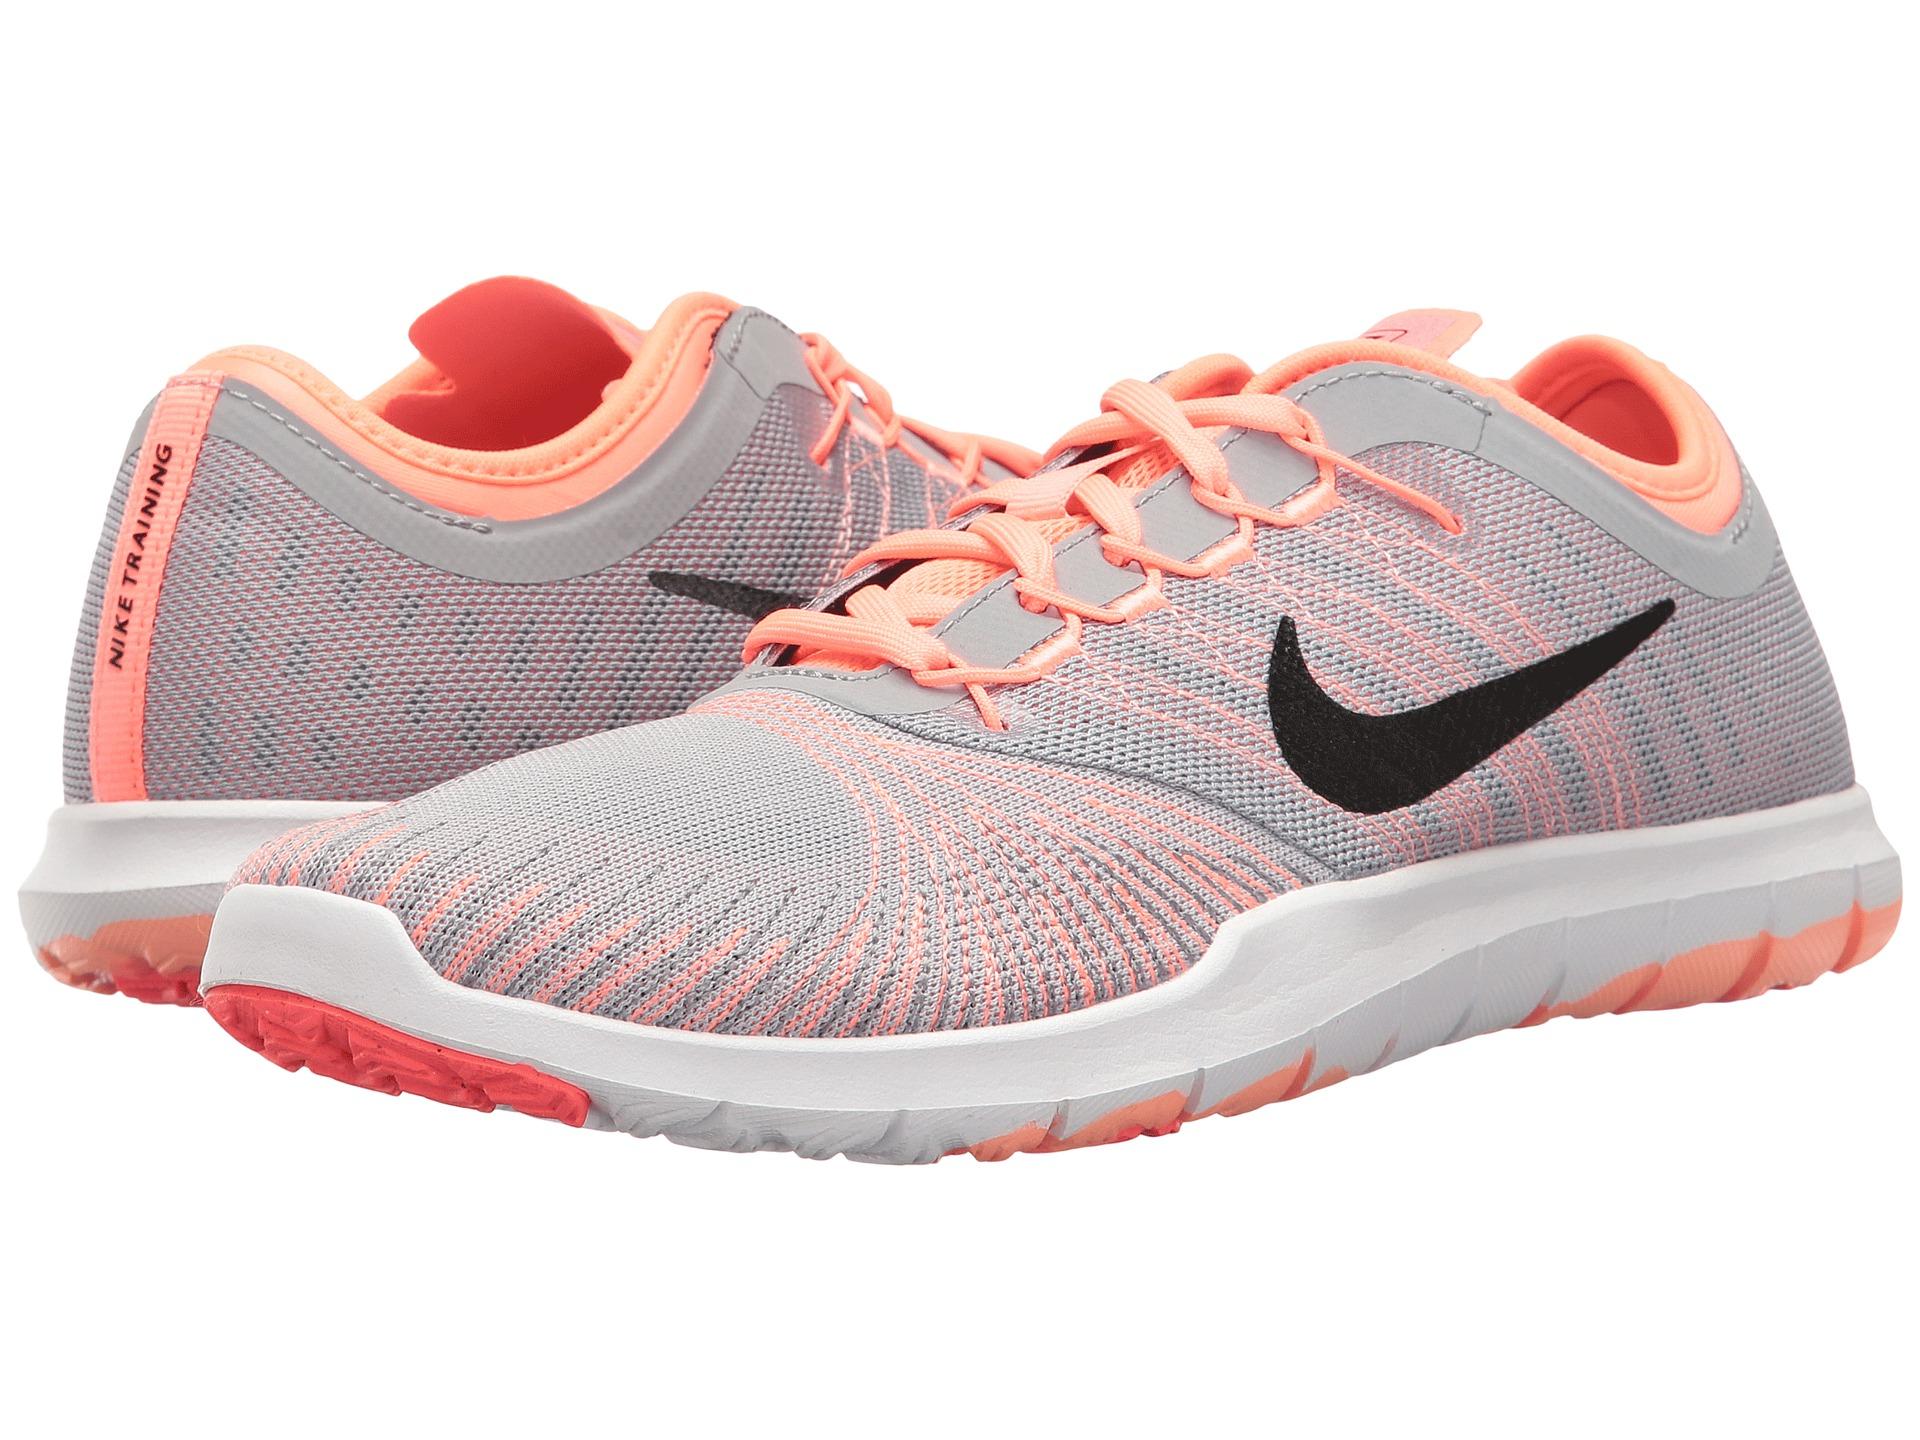 e8a91b8e71a0 new Nike Flex Adapt TR at - halfwayhousecarsales.com